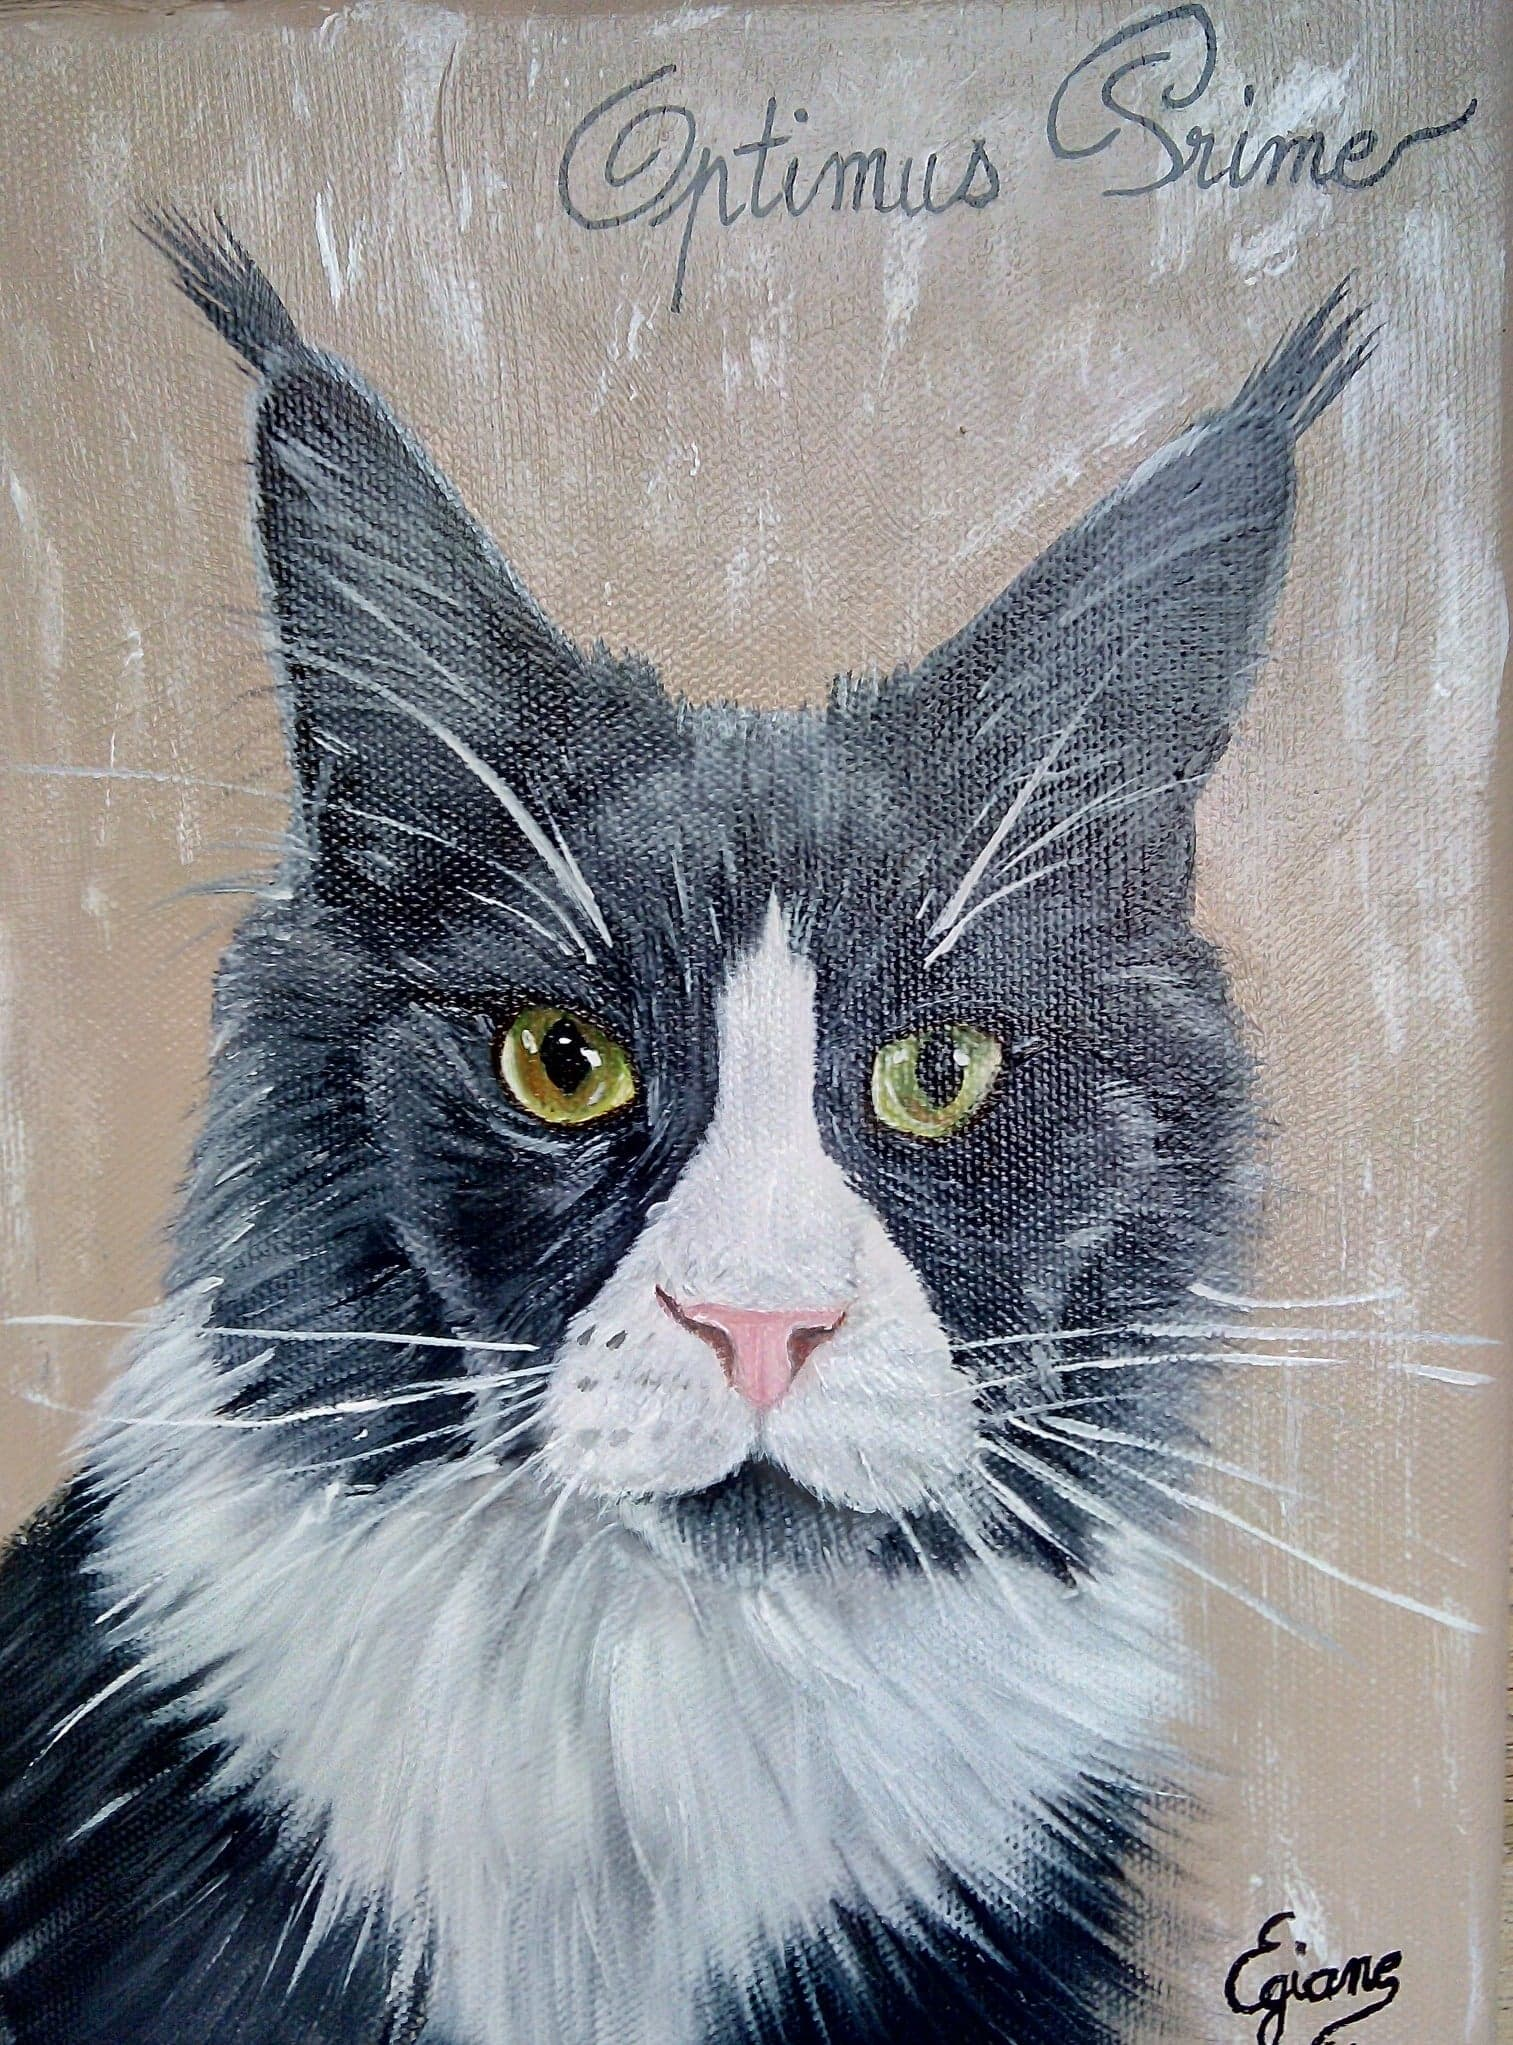 chat maincoon, peinture acrylique sur toile